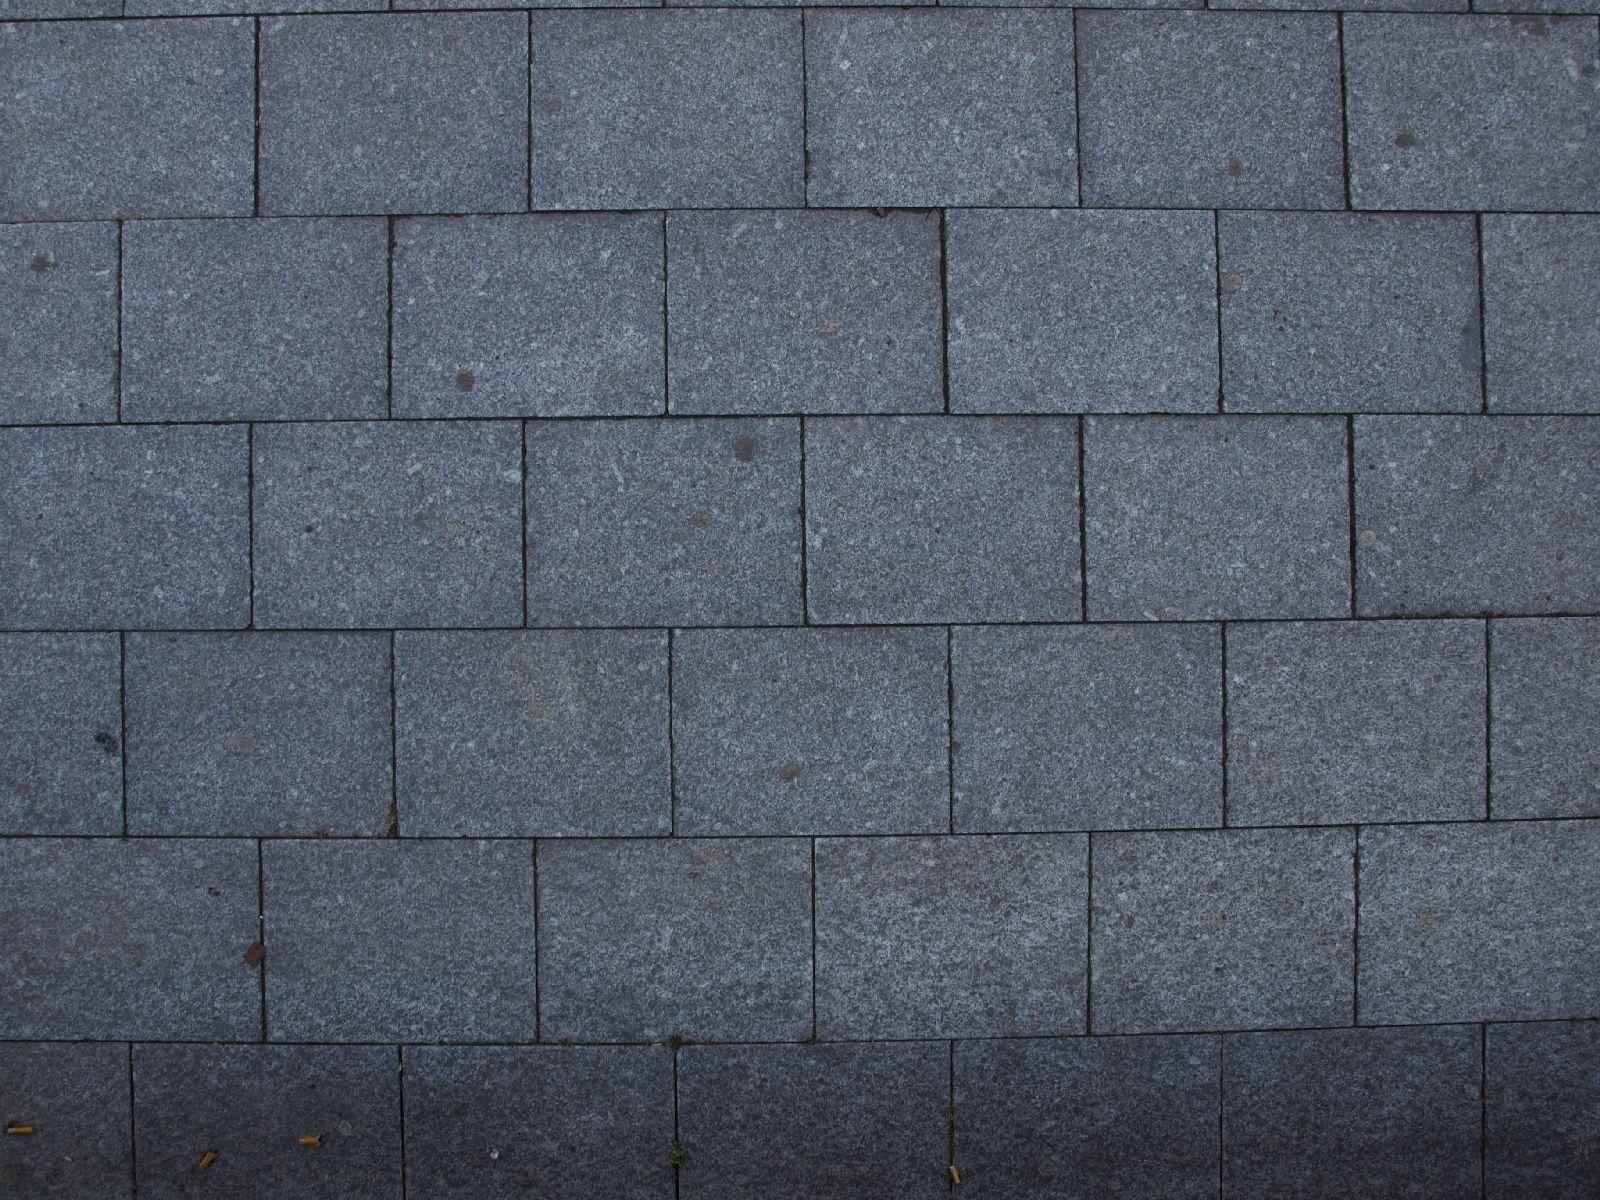 Ground-Urban_Texture_A_P2140741